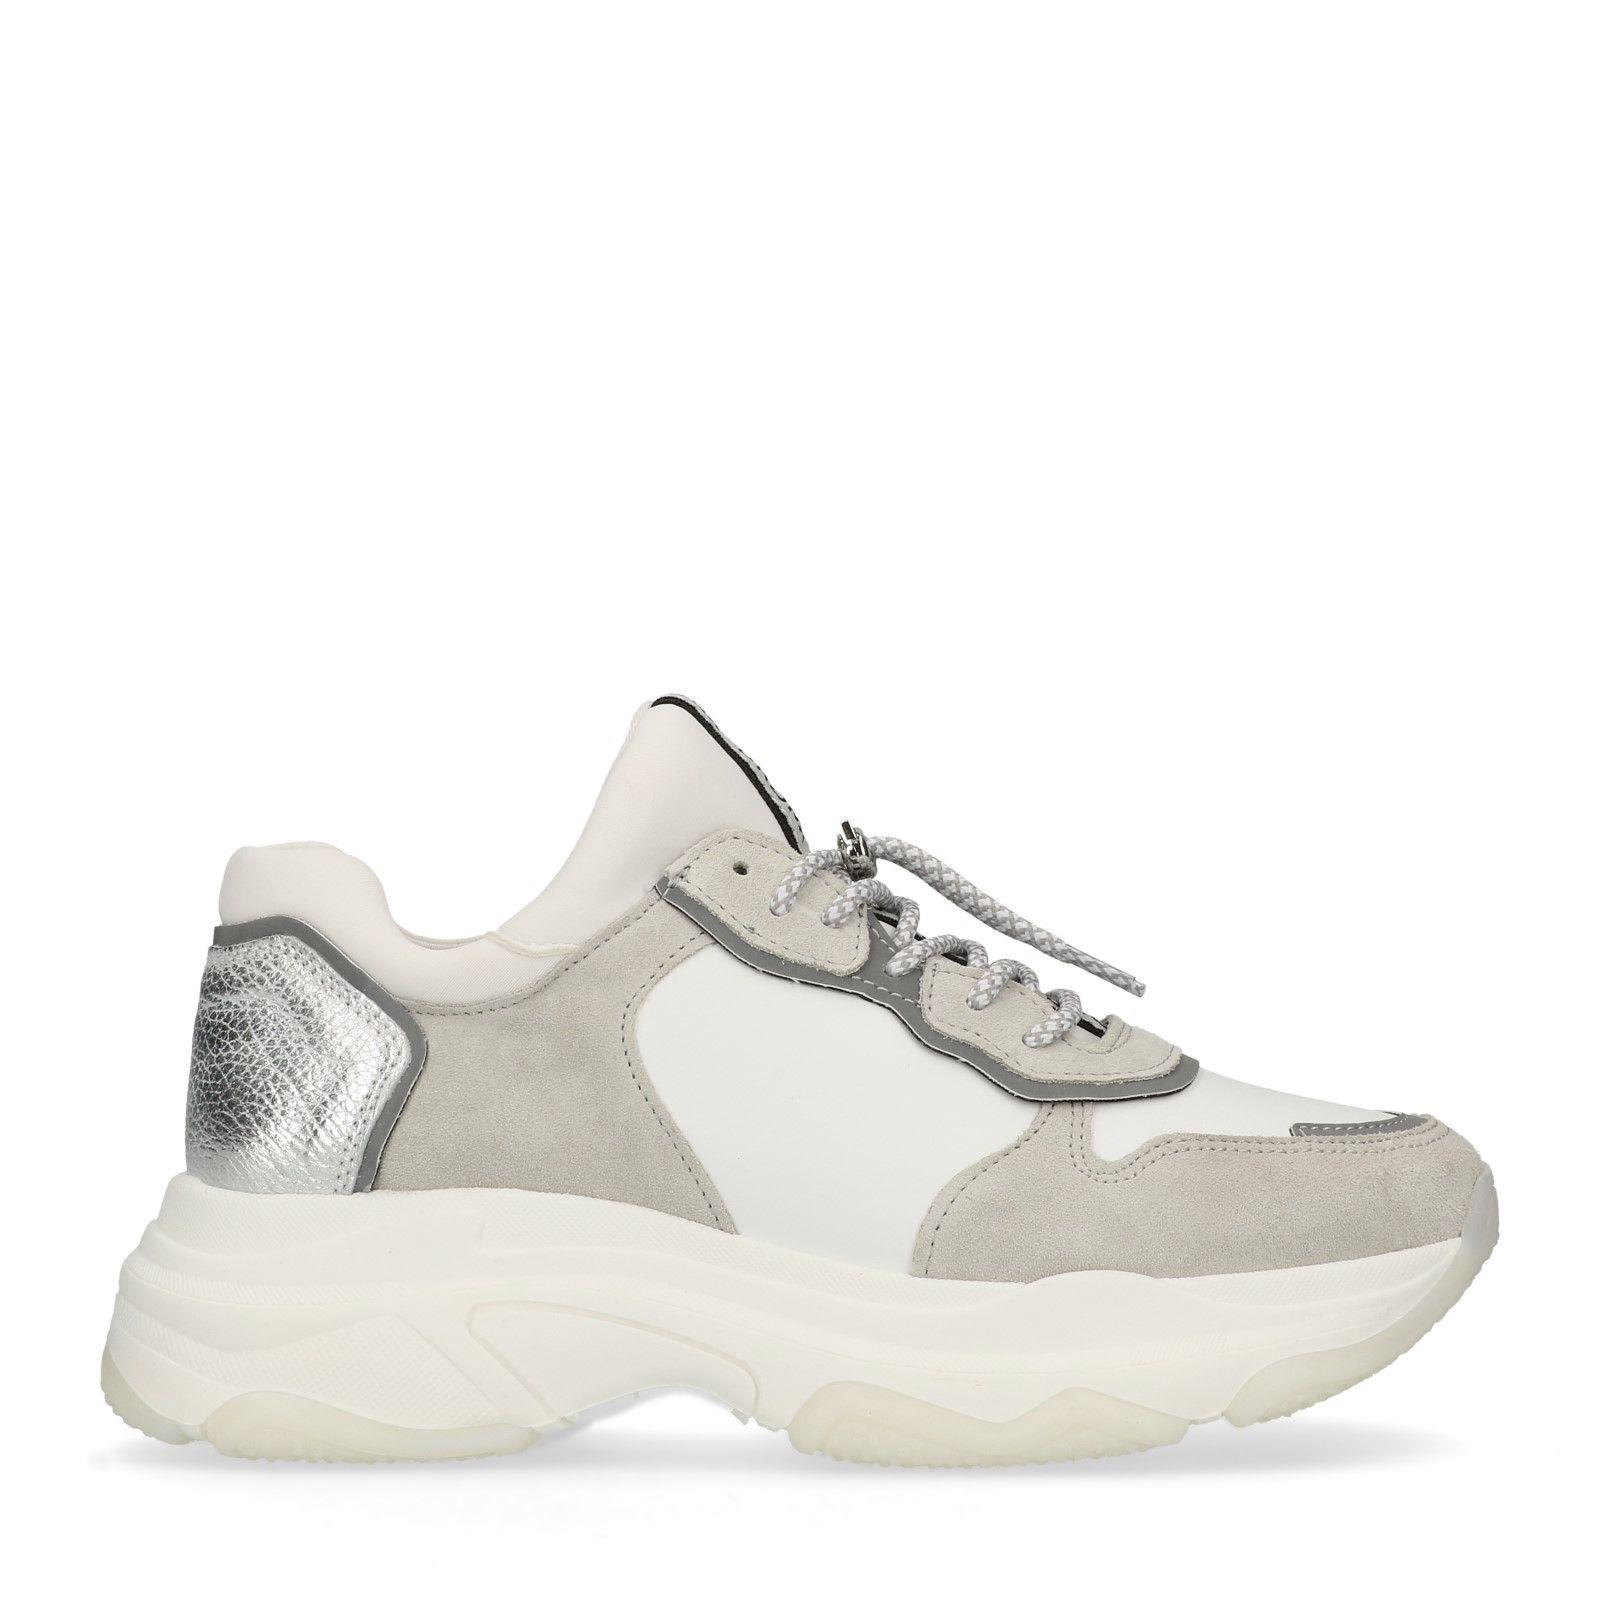 Weiße Dad-Sneaker mit Schlangenmuster (36 5akt8riC3